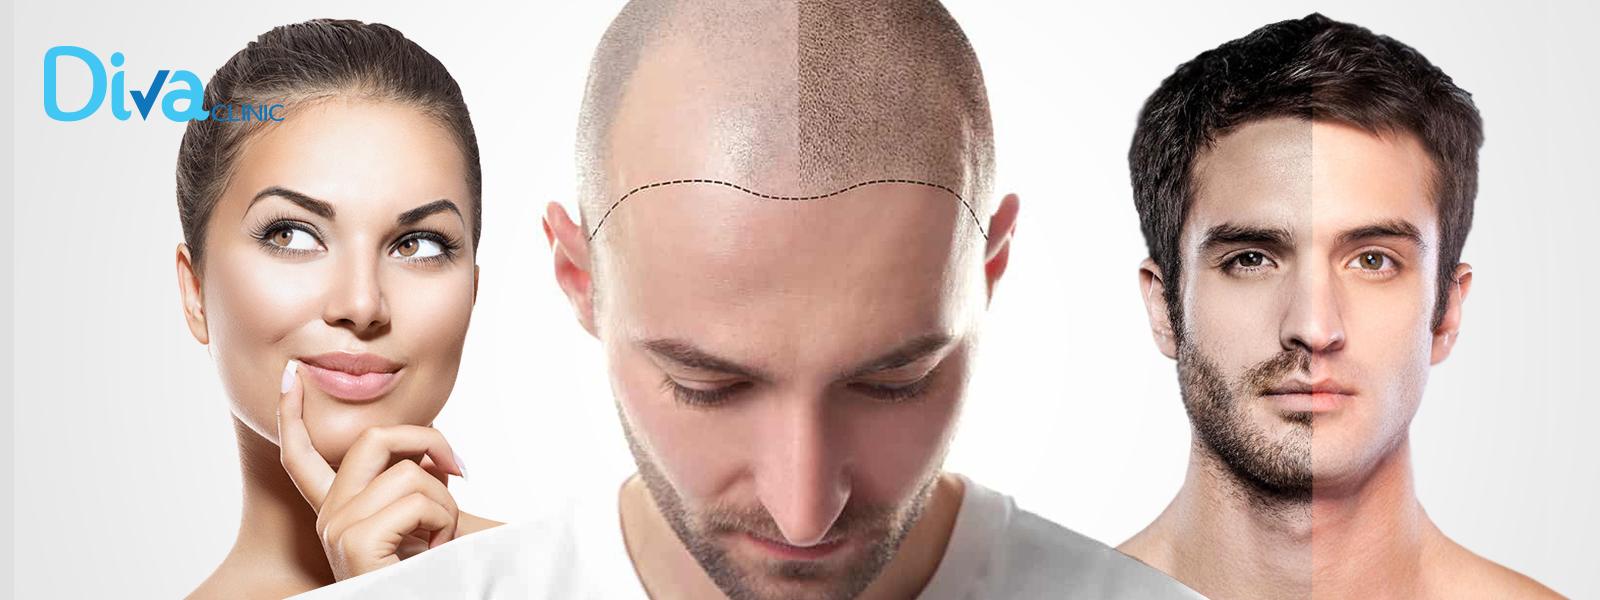 زراعة الشعر واللحية والحاجب